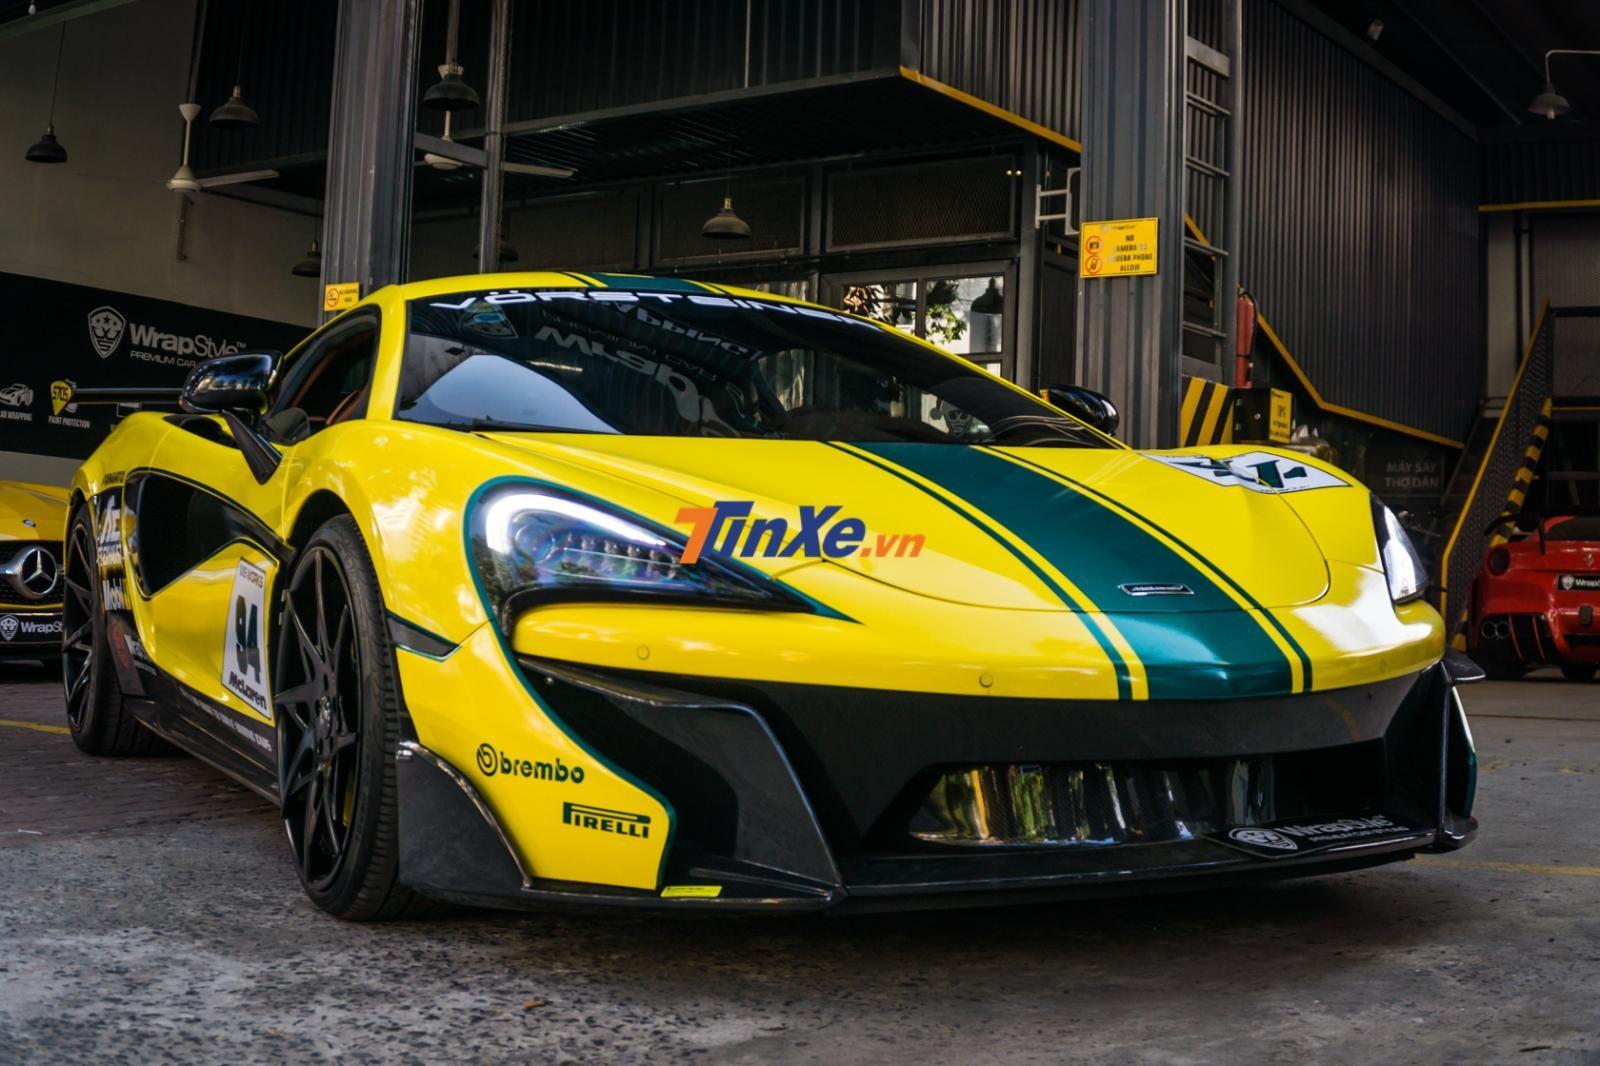 Bộ áo chiếc siêu xe McLaren 570S mới được chuyển sang màu vàng